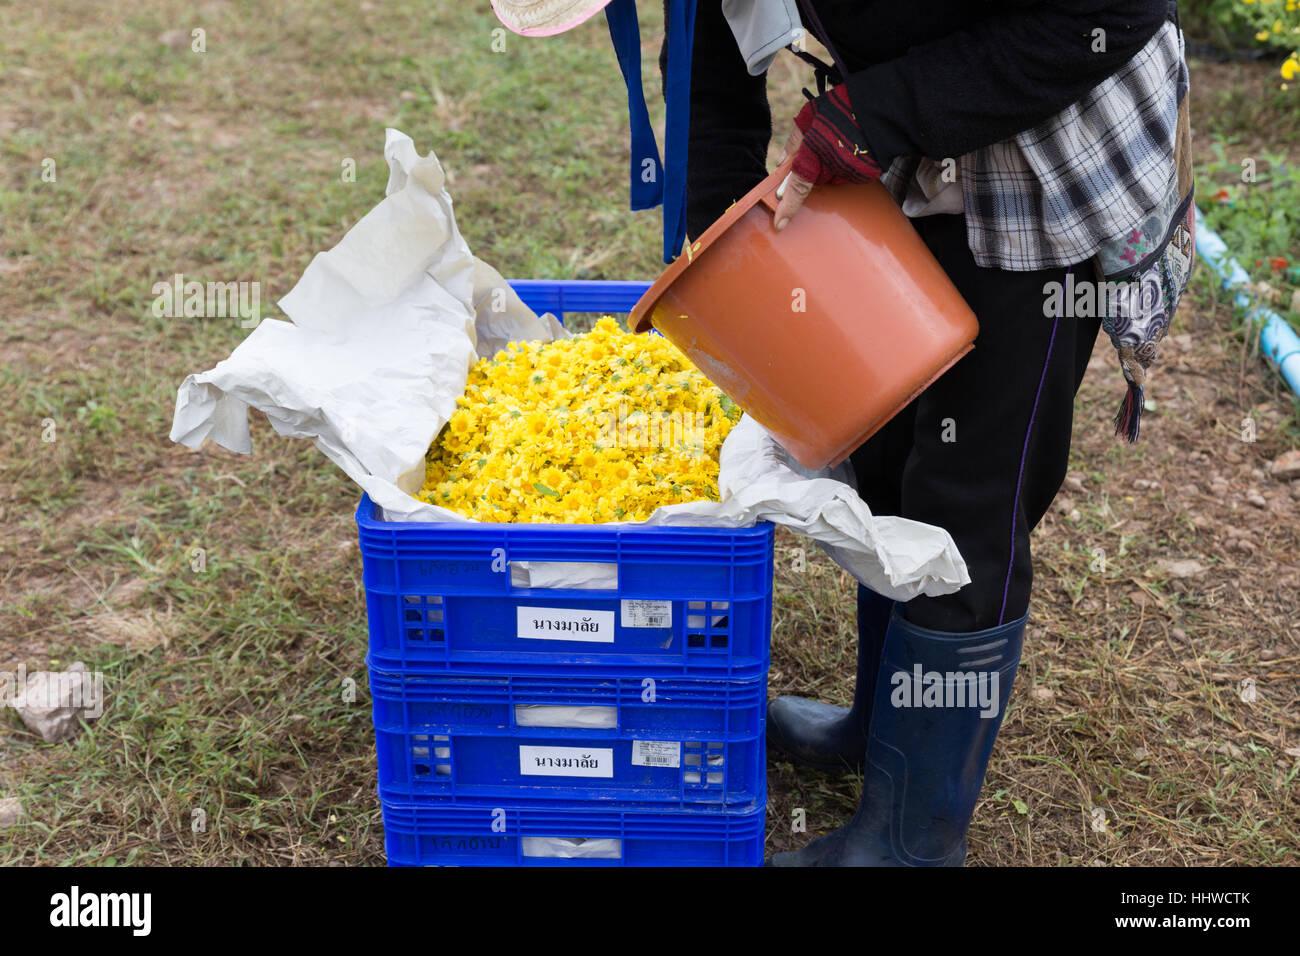 Chiang Mai, Thailand - 28. November 2016: Unbekannter Bauer Ernte Chrysanthemenblüte zur Herstellung von Tee in Maejo Bauernhof in Chiang Mai, Thailand Stockfoto